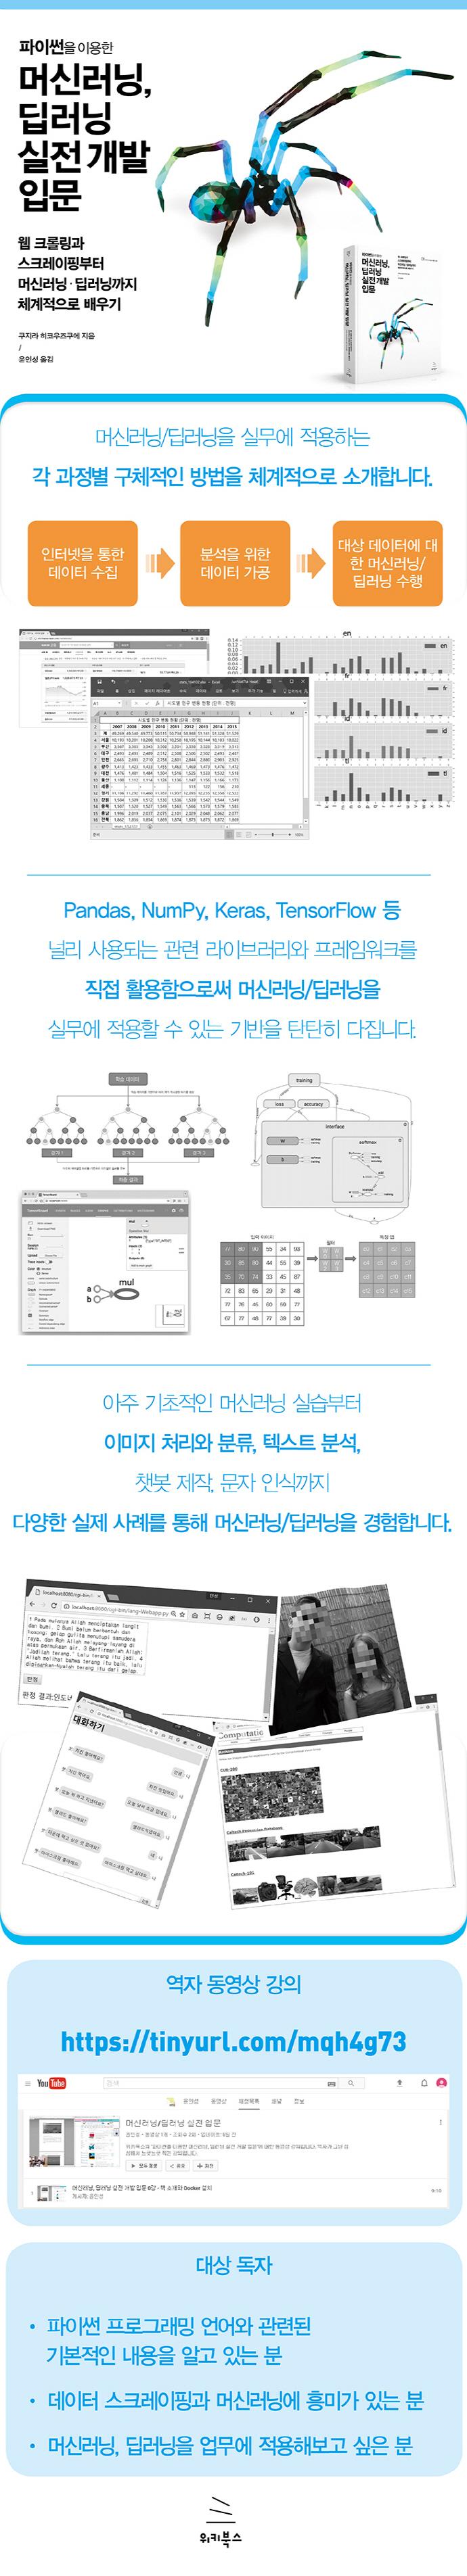 파이썬을 이용한 머신러닝, 딥러닝 실전 개발 입문(데이터 사이언스 시리즈 3) 도서 상세이미지